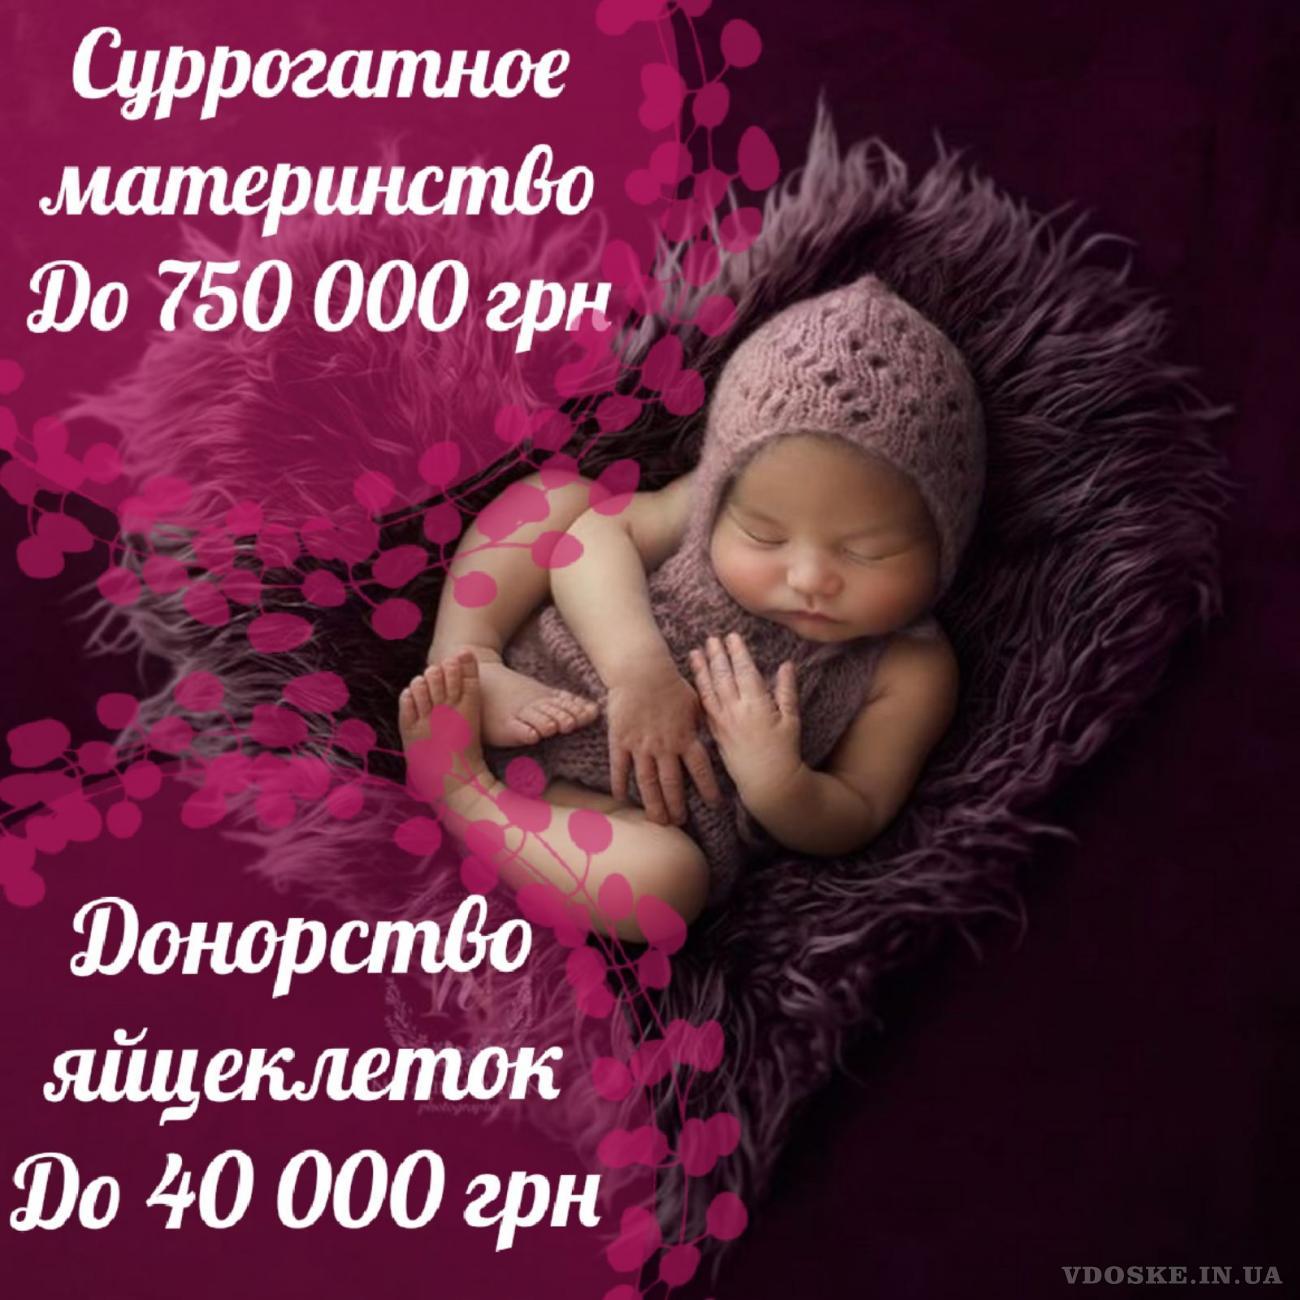 Суррогатное материнство. Донорство яйцеклеток. Центр Счастье материнства